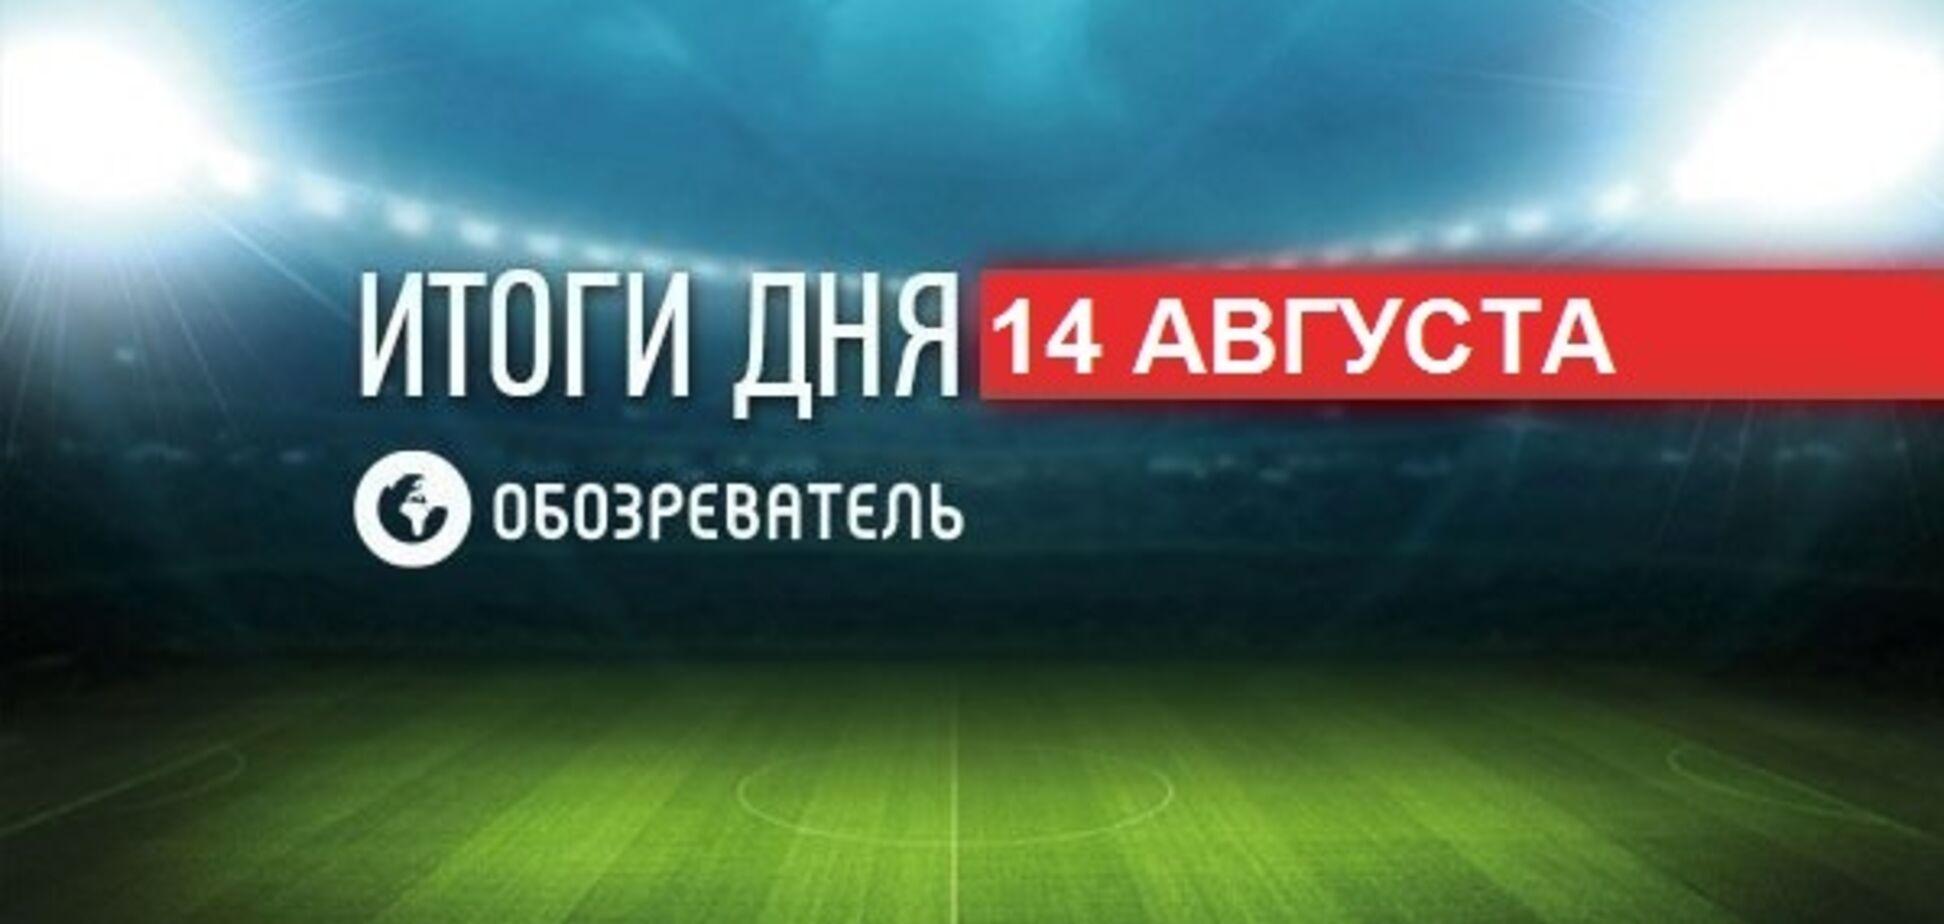 Суркіс просто під час матчу звільнив Хацкевича: спортивні підсумки 14 серпня